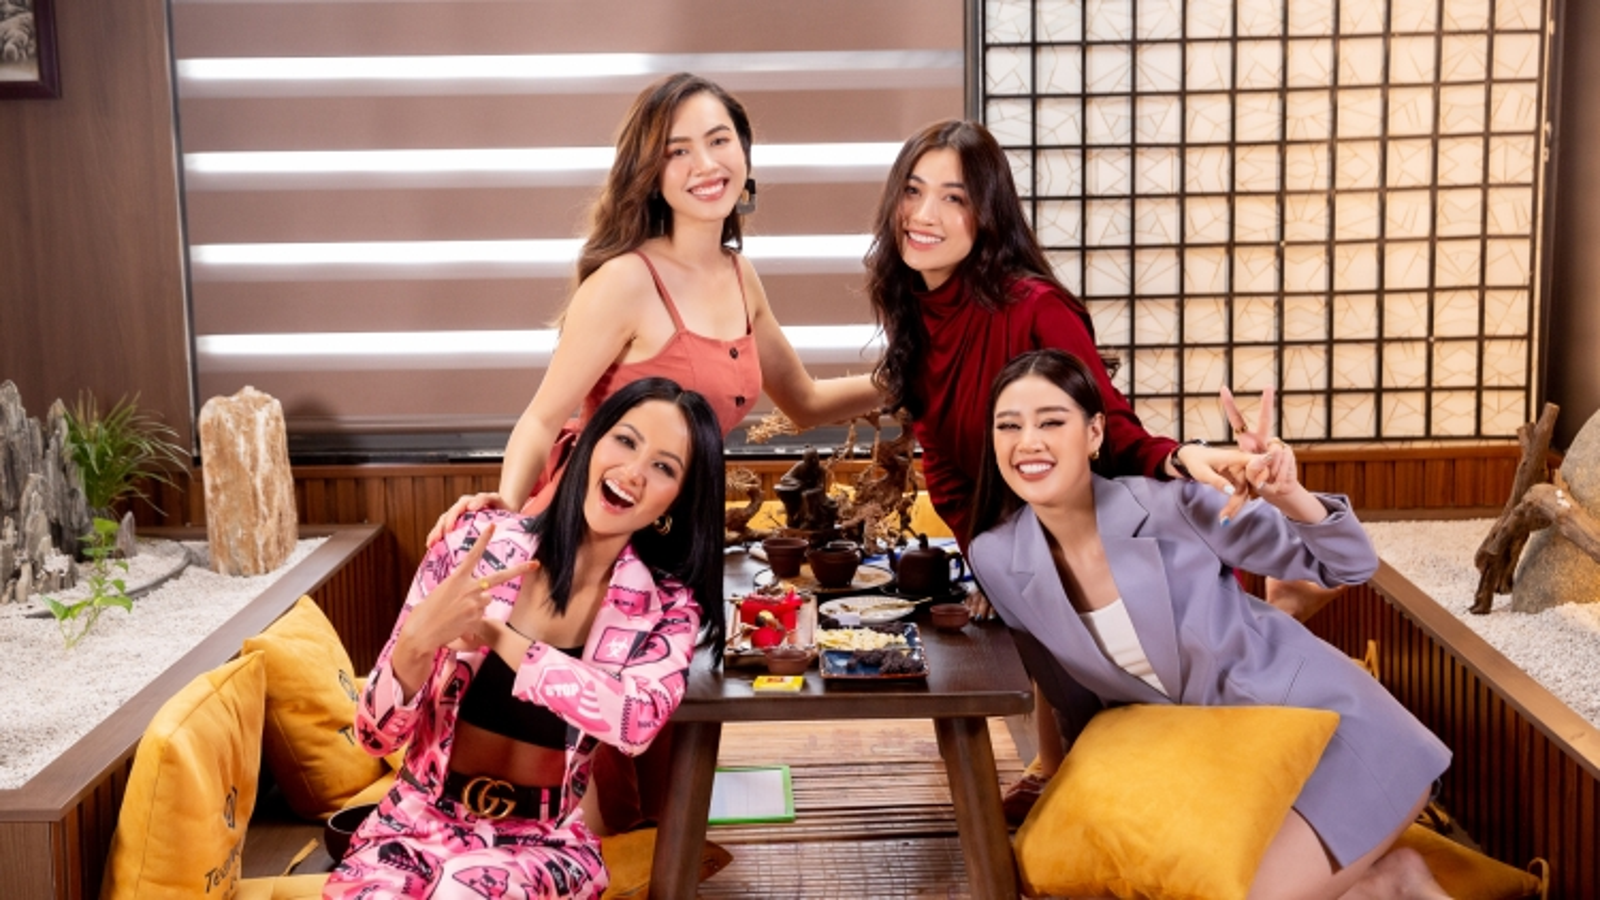 Hoa hậu H'Hen Niê, Khánh Vân, Hoàng My, Lệ Hằng tâm sự chuyện chị em